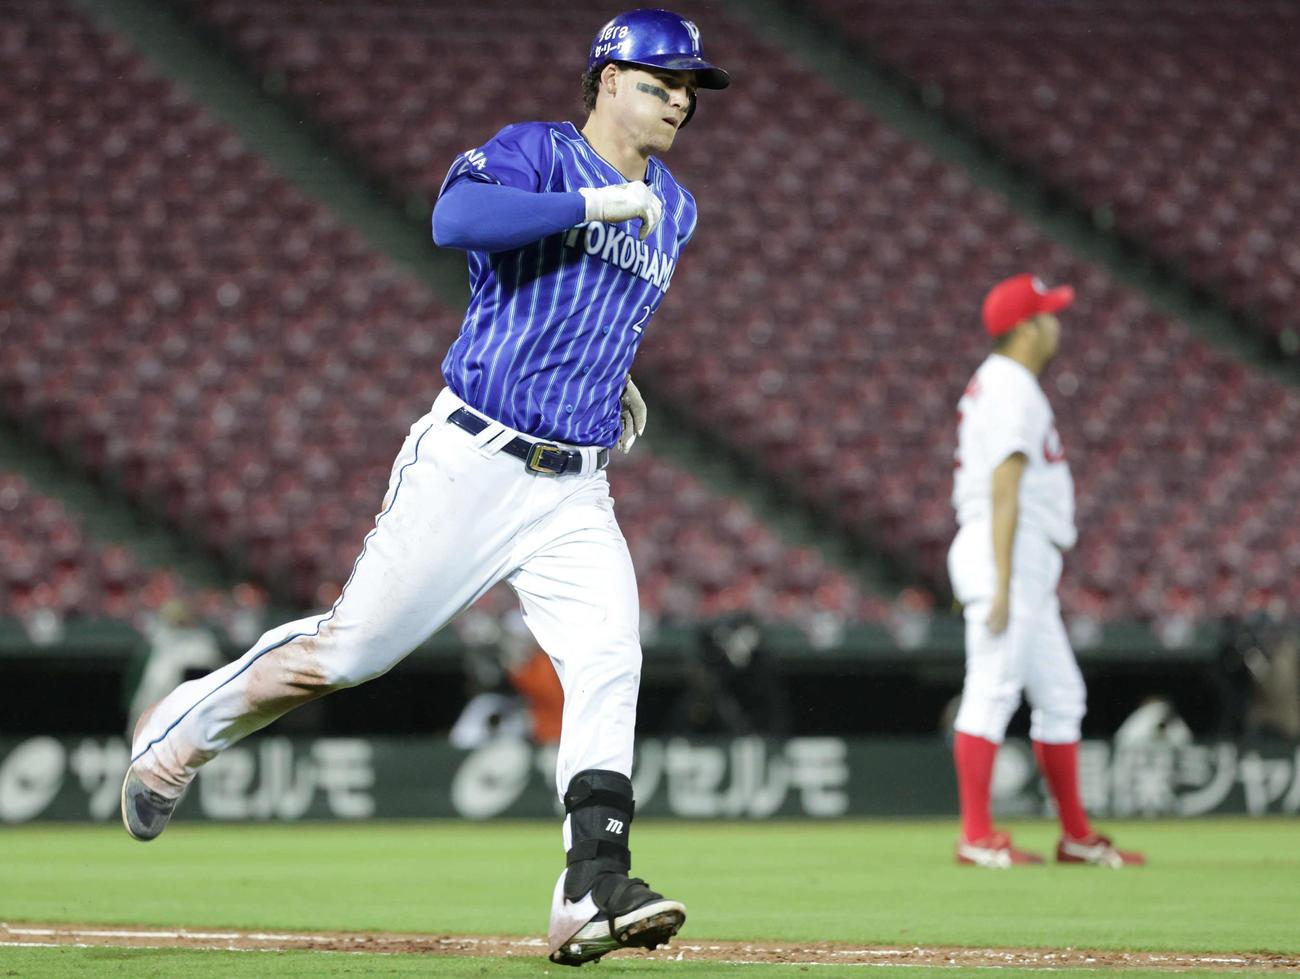 広島対DeNA 8回表DeNA1死一塁、オースティンは左越え2点本塁打ち一塁に向かう。右は打たれた中崎(撮影・加藤孝規)